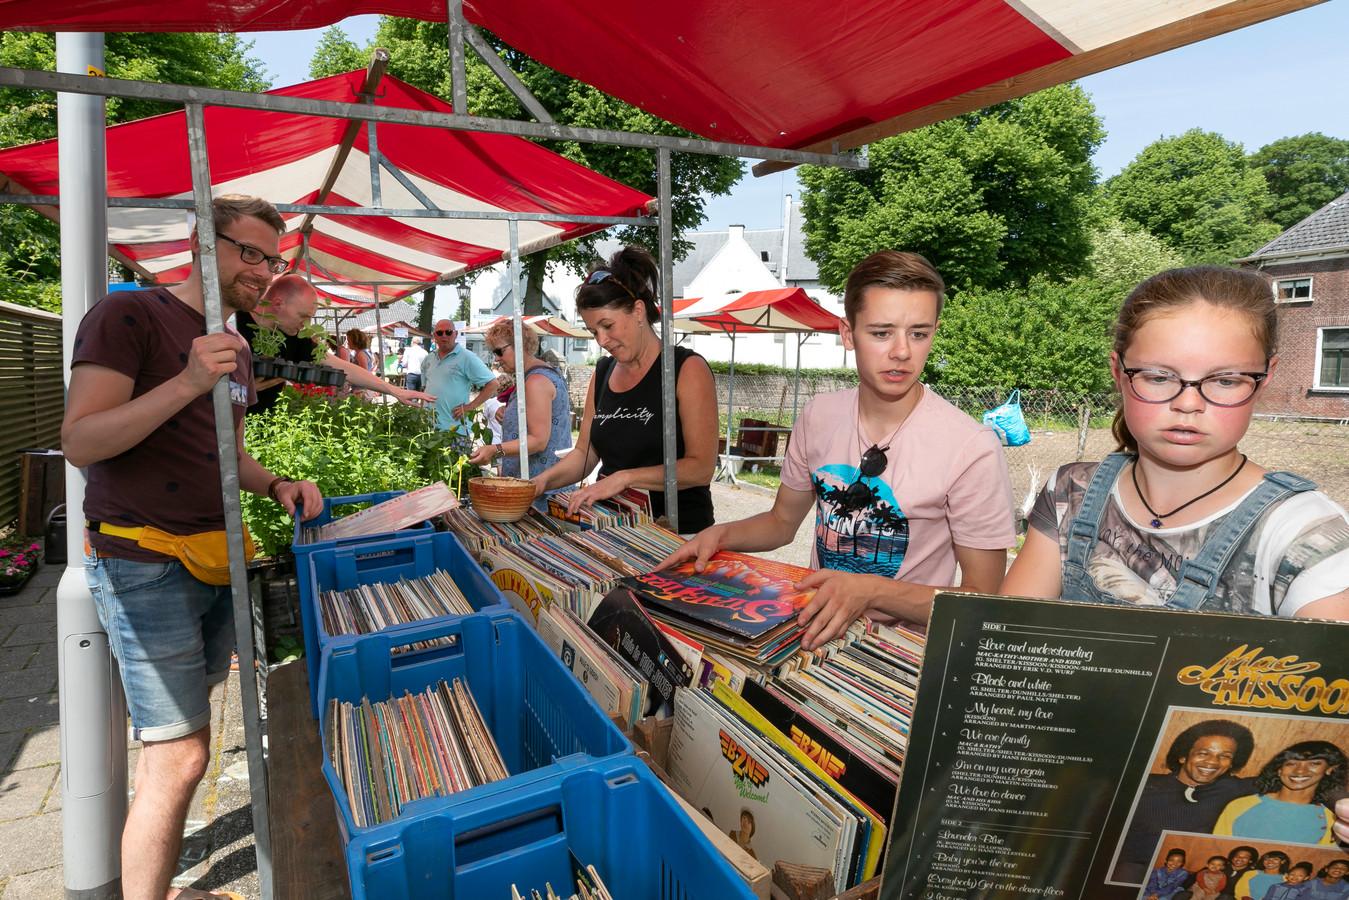 Impressie van de Bruchemse rommelmarkt in 2018. Het evenement trekt normaliter meer dan 4000 bezoekers naar het dorp.